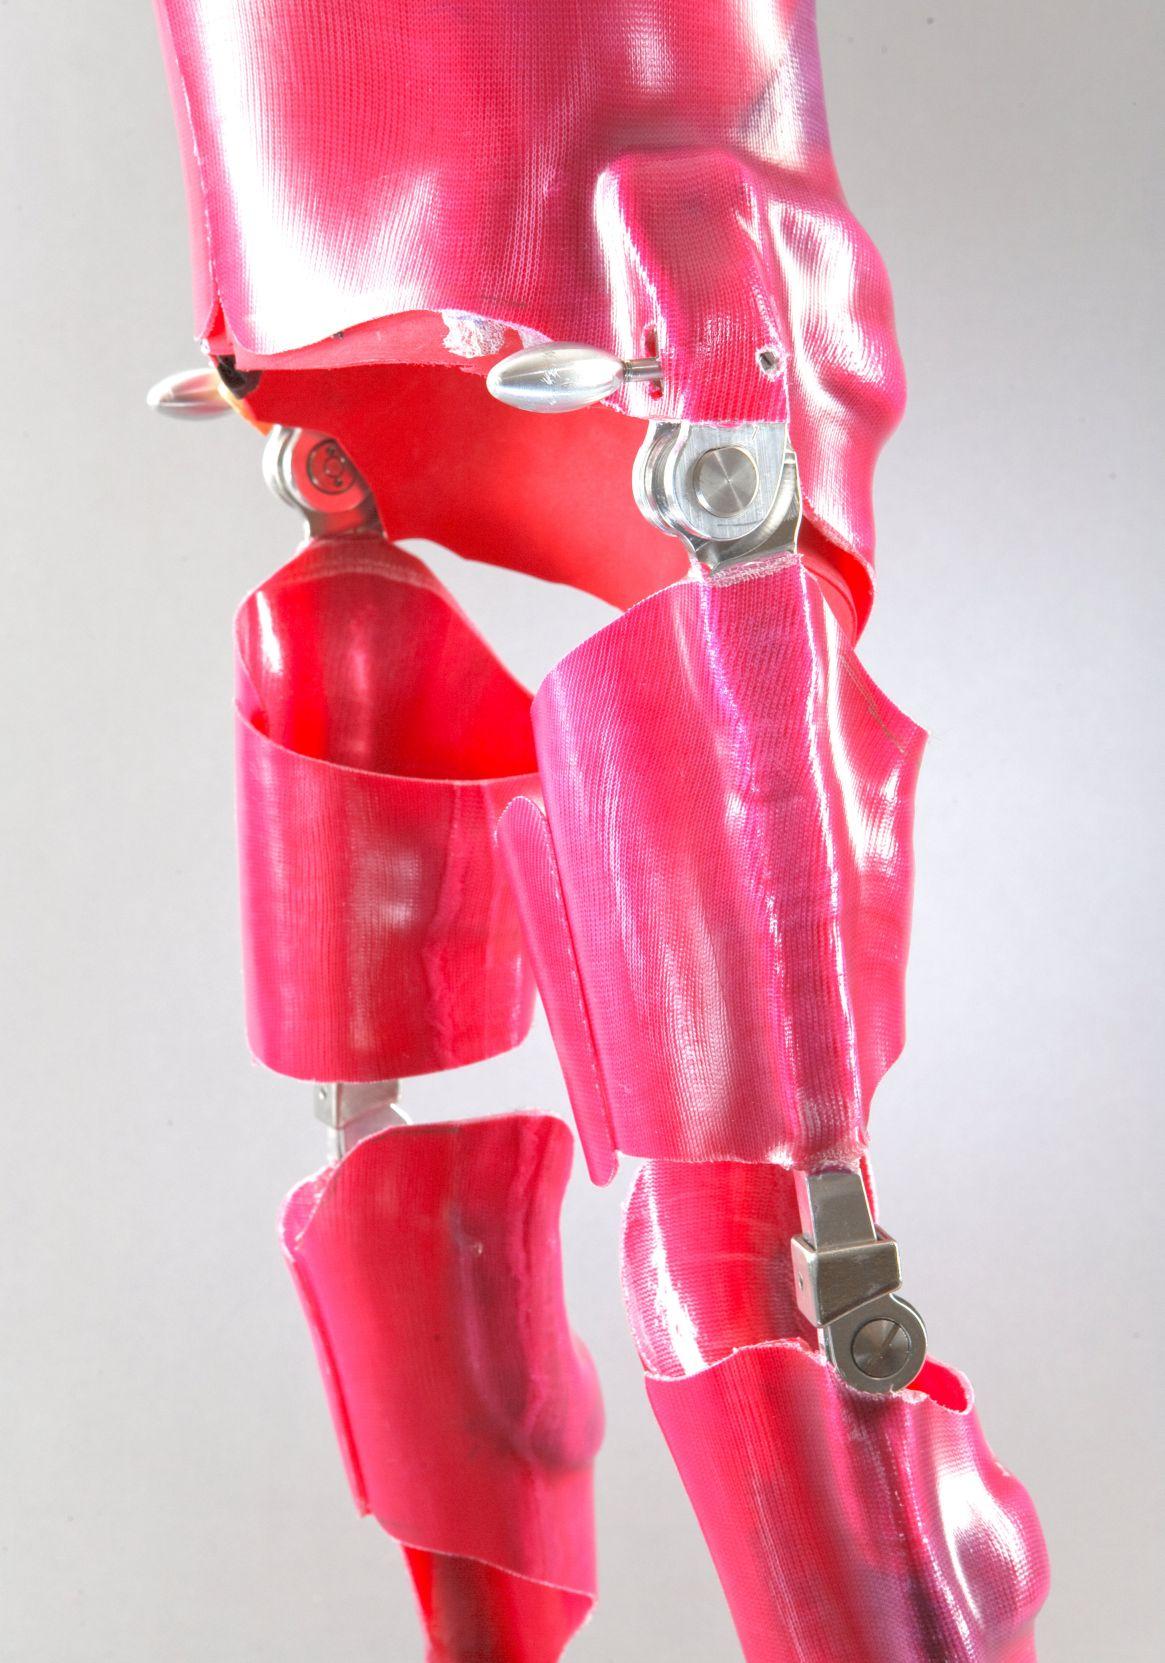 Salera hip joint